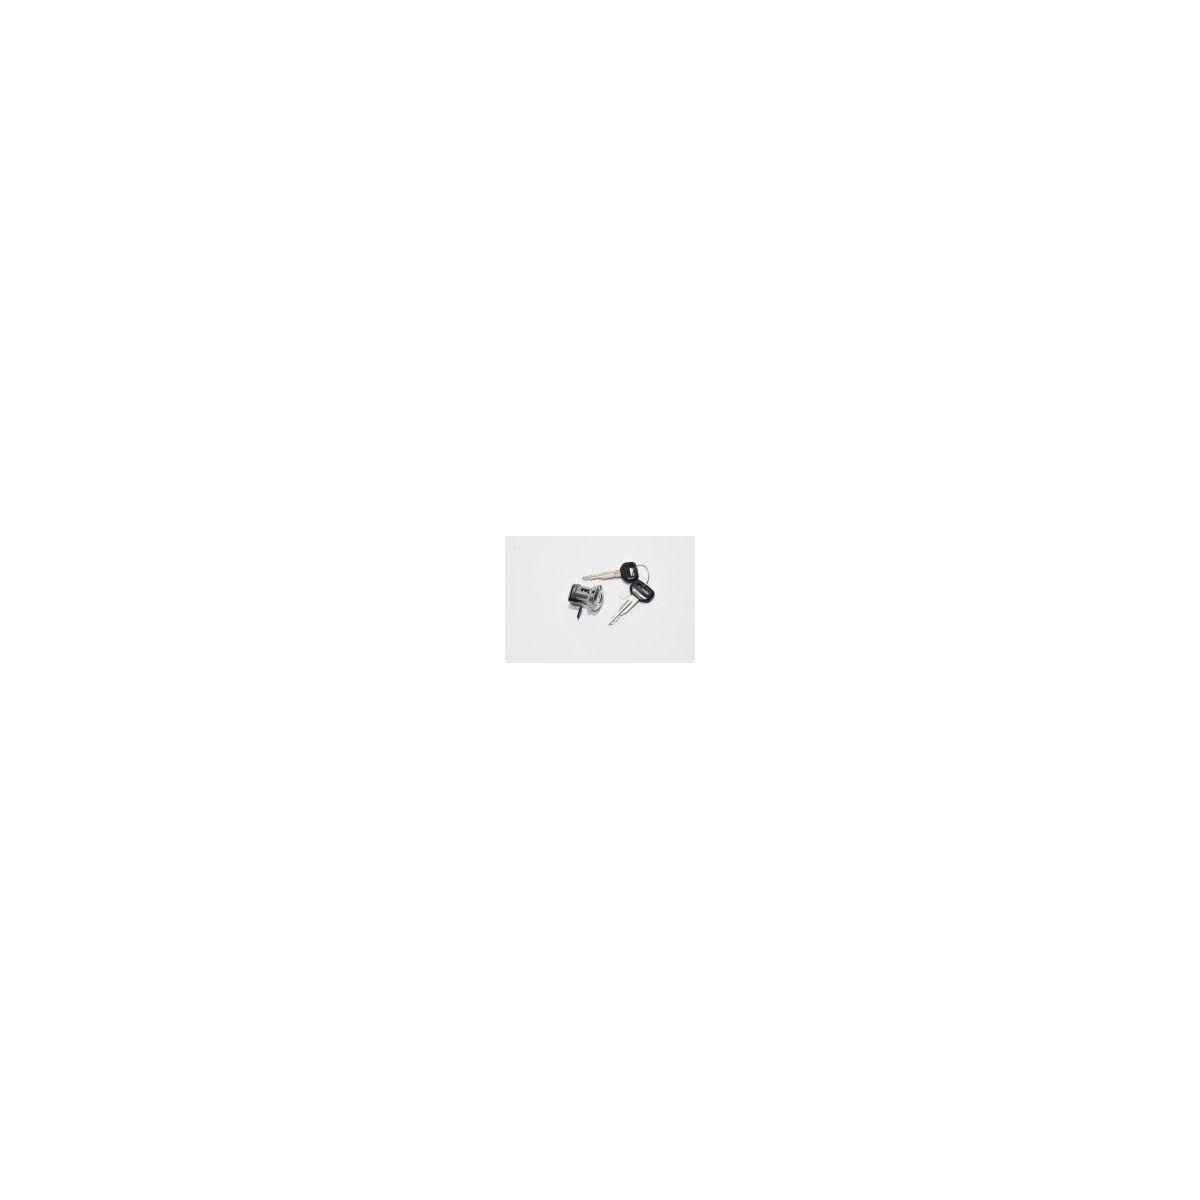 SERRATURA CILINDRO PORTA DX PIAGGIO PORTER 1000 1200 1300 1400 D120 – 2634670002